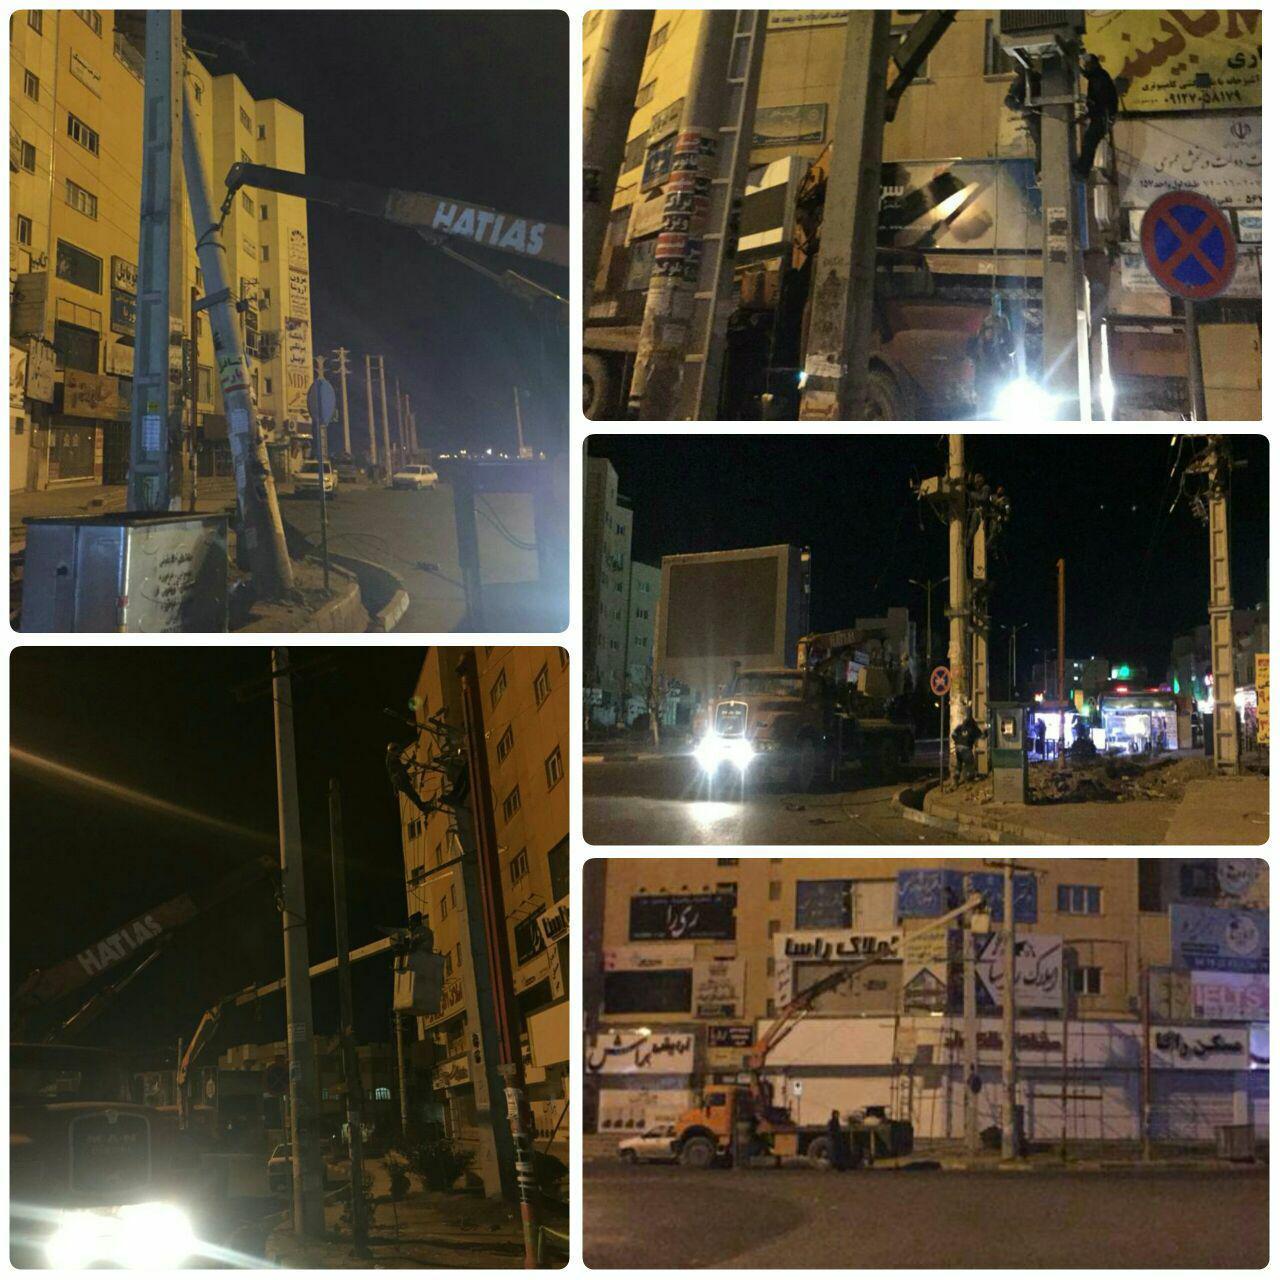 ادامه روند عملیات اصلاح هندسی میدان استقلال شهر پرند